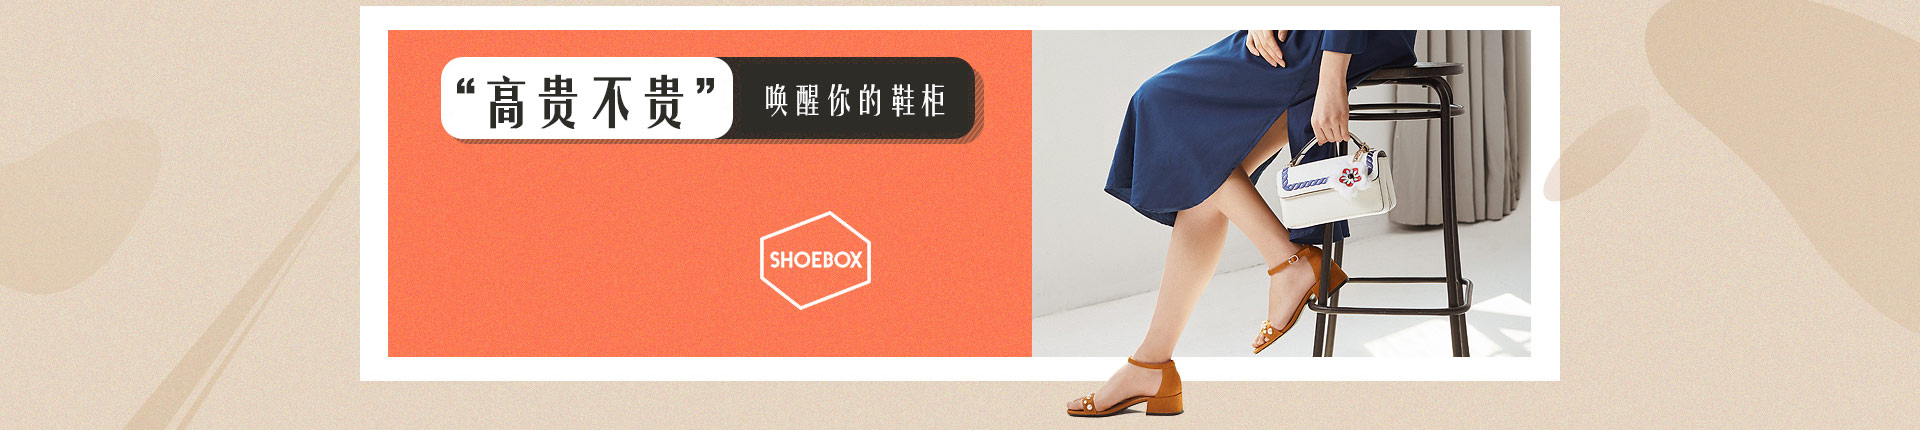 鞋柜官方网站